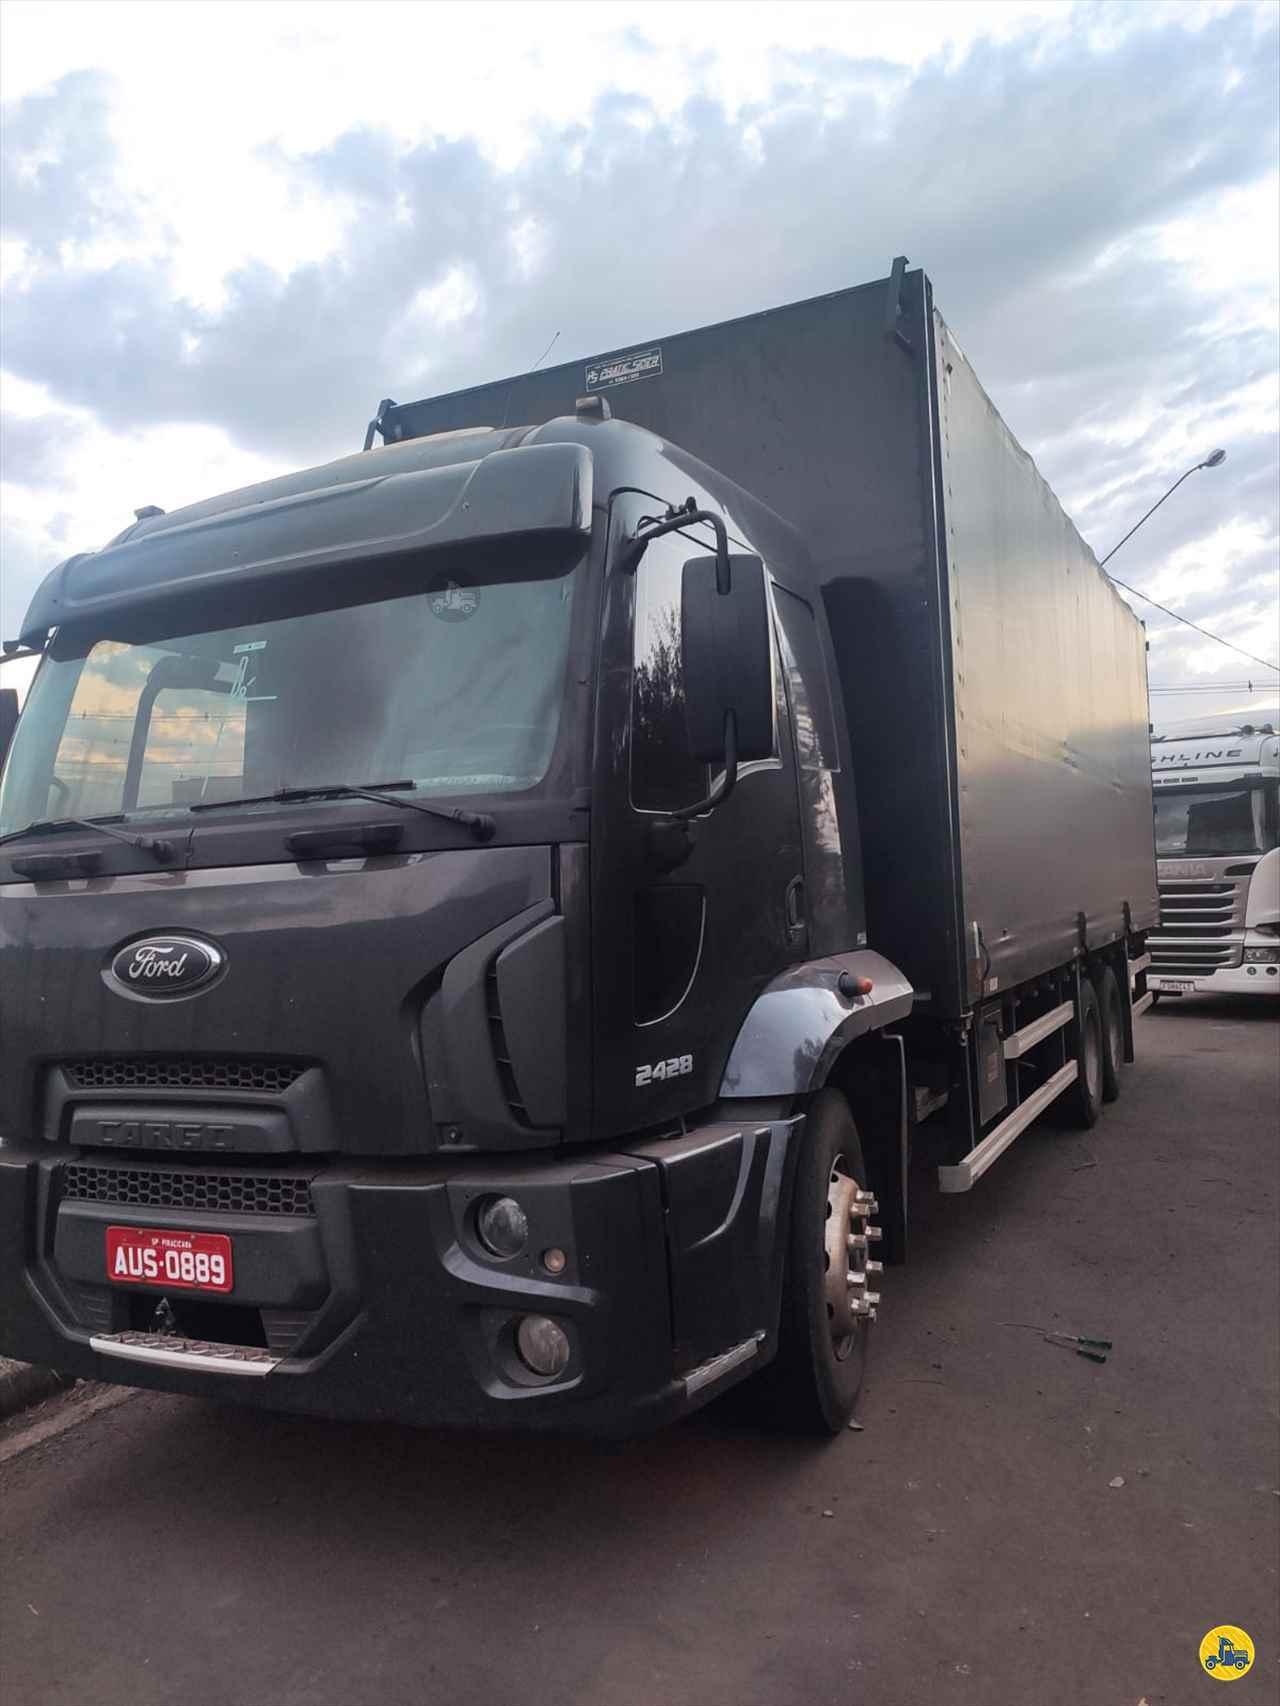 CAMINHAO FORD CARGO 2428 Baú Sider Truck 6x2 Lobo Caminhões AMERICANA SÃO PAULO SP